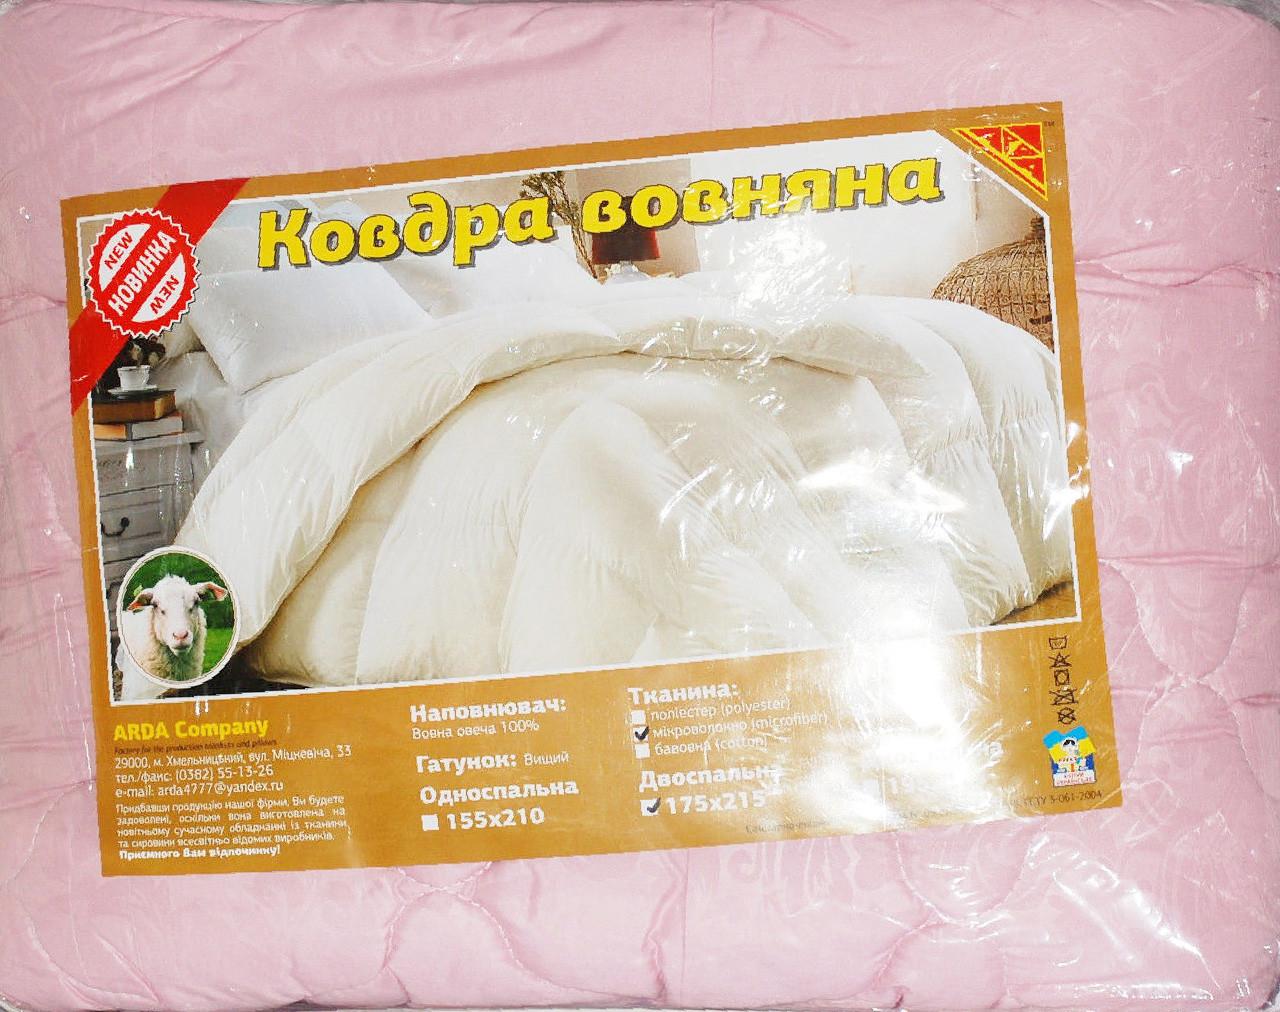 Одеяло Шерстяное (микрофибра) однотонное 150*210 ARDA Company